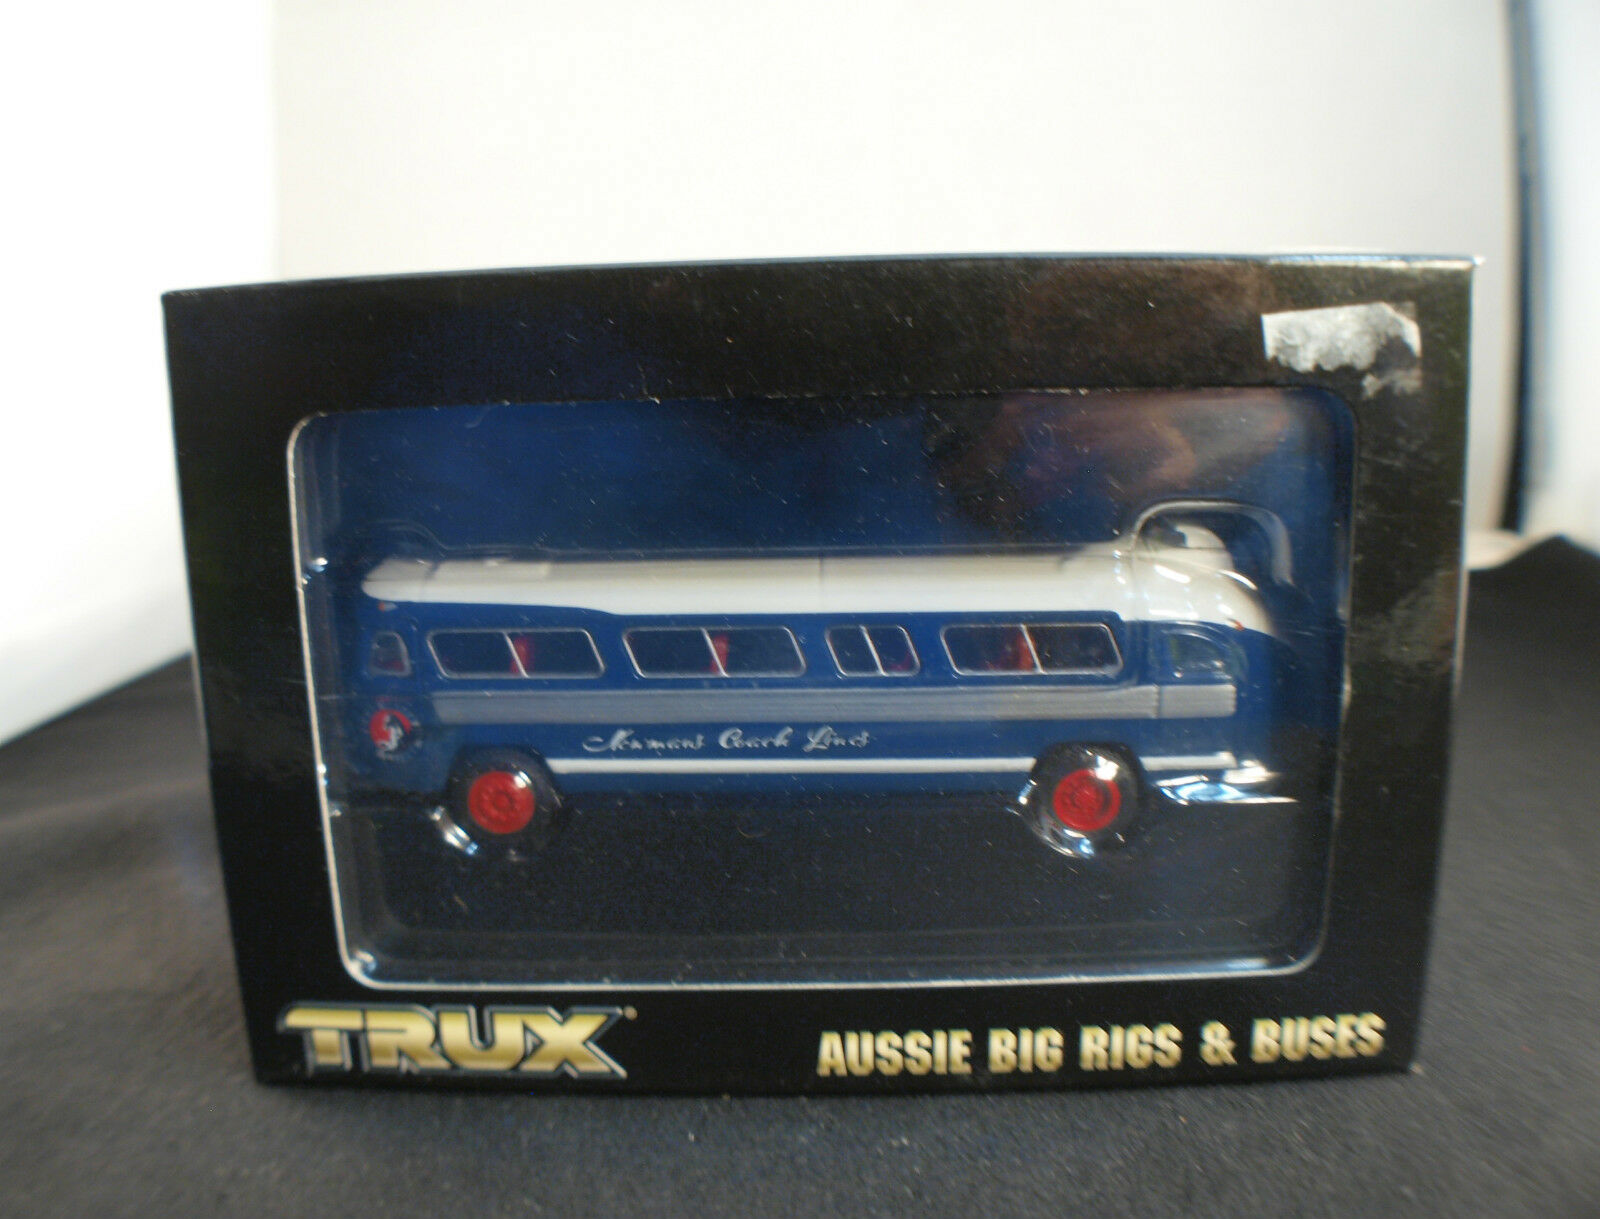 Trux Australia n° TX15B 1954 Ansair Flxible Clipper aussie bus en boîte 1 76 MIB